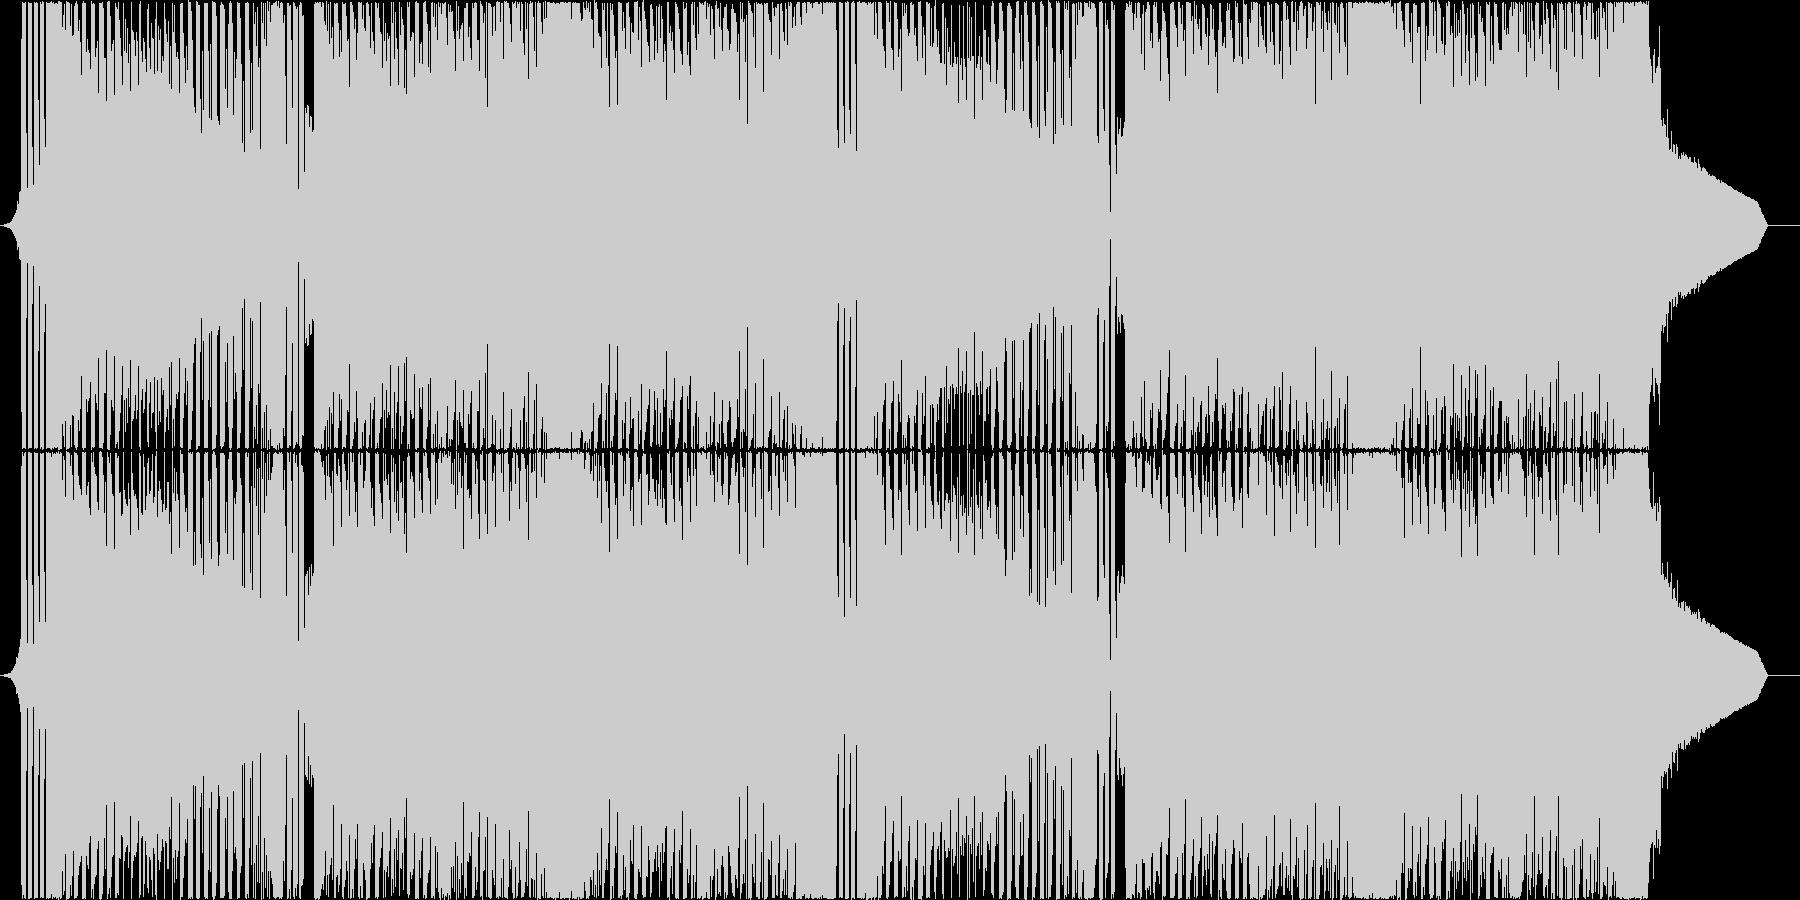 突き抜けるバイオリンの疾走感溢れるBGMの未再生の波形